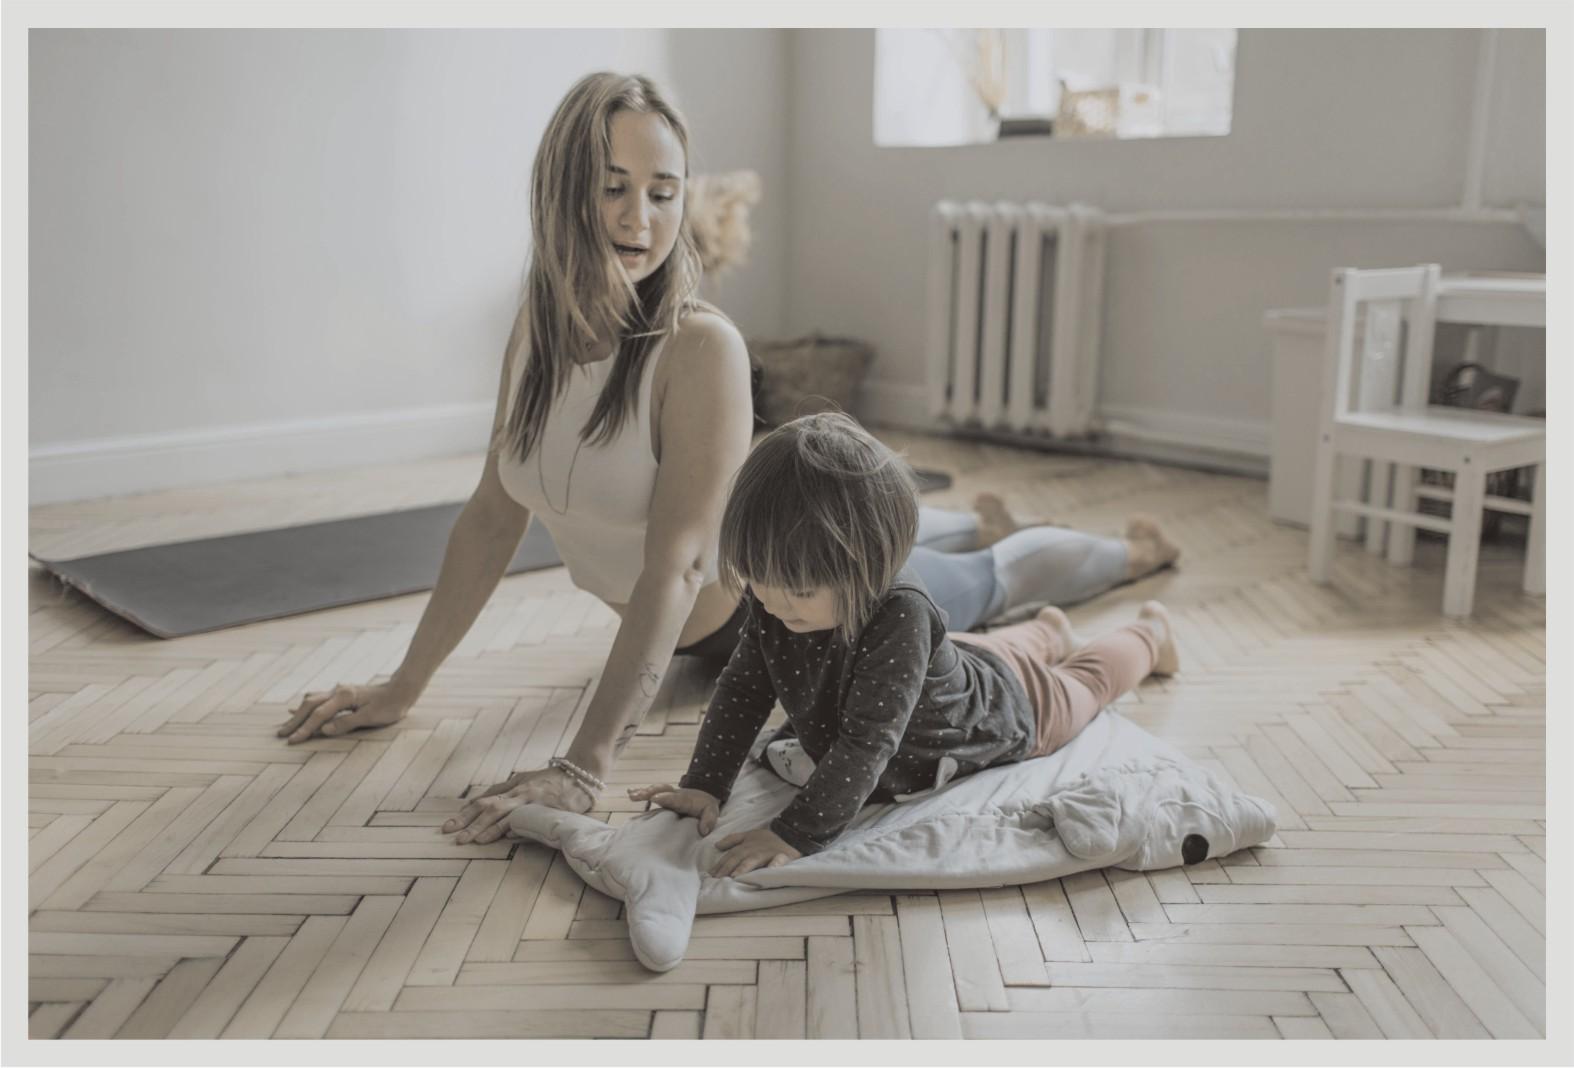 fisioterapia corua safir DOMICILIO FAMILIAjpg